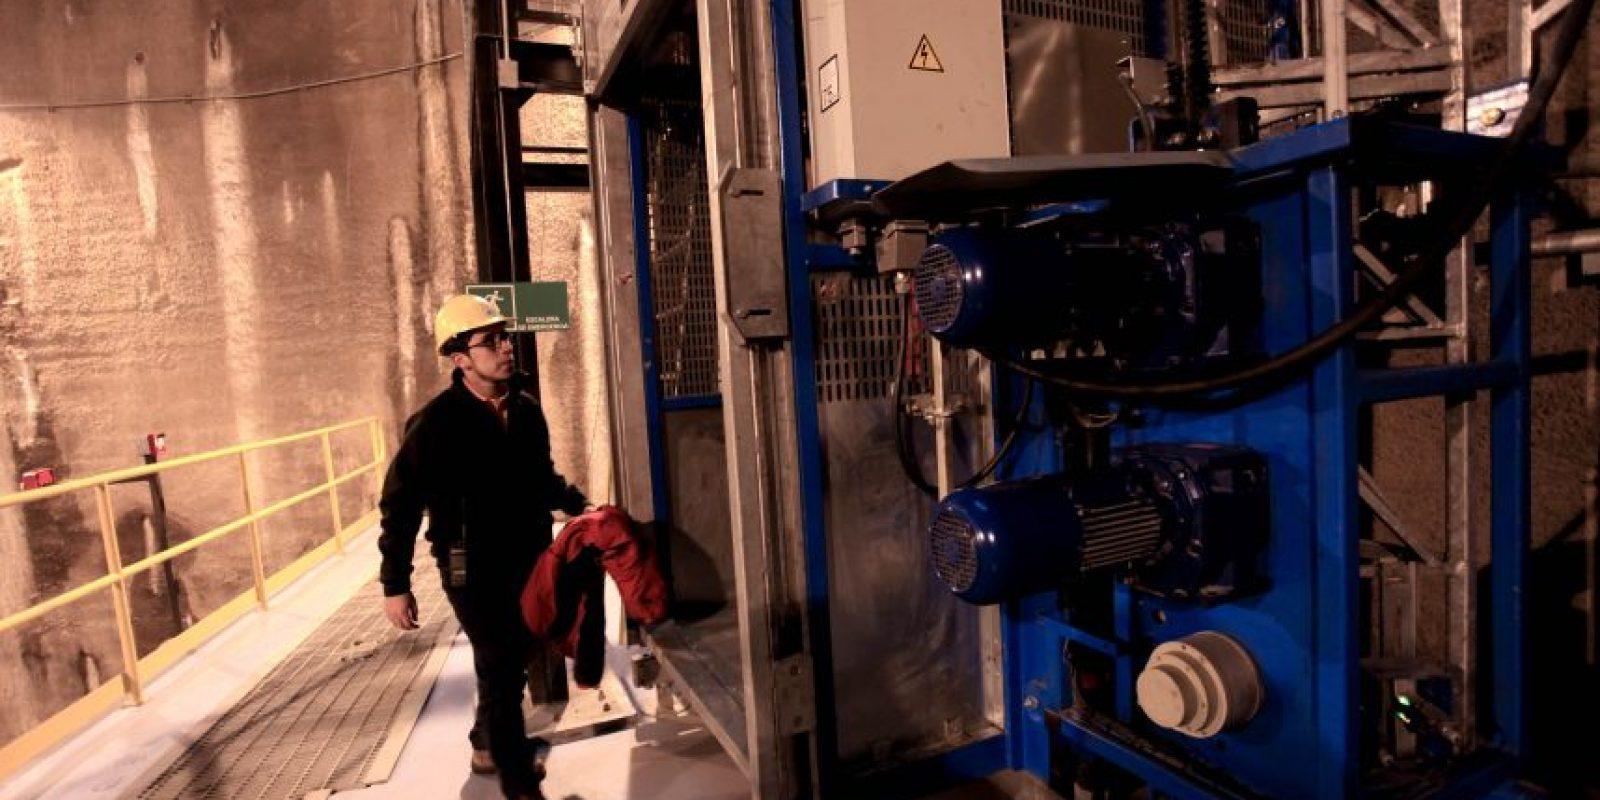 La industria que más GEI produce en Chile, es la industria energética. Foto:Agencia Uno. Imagen Por: